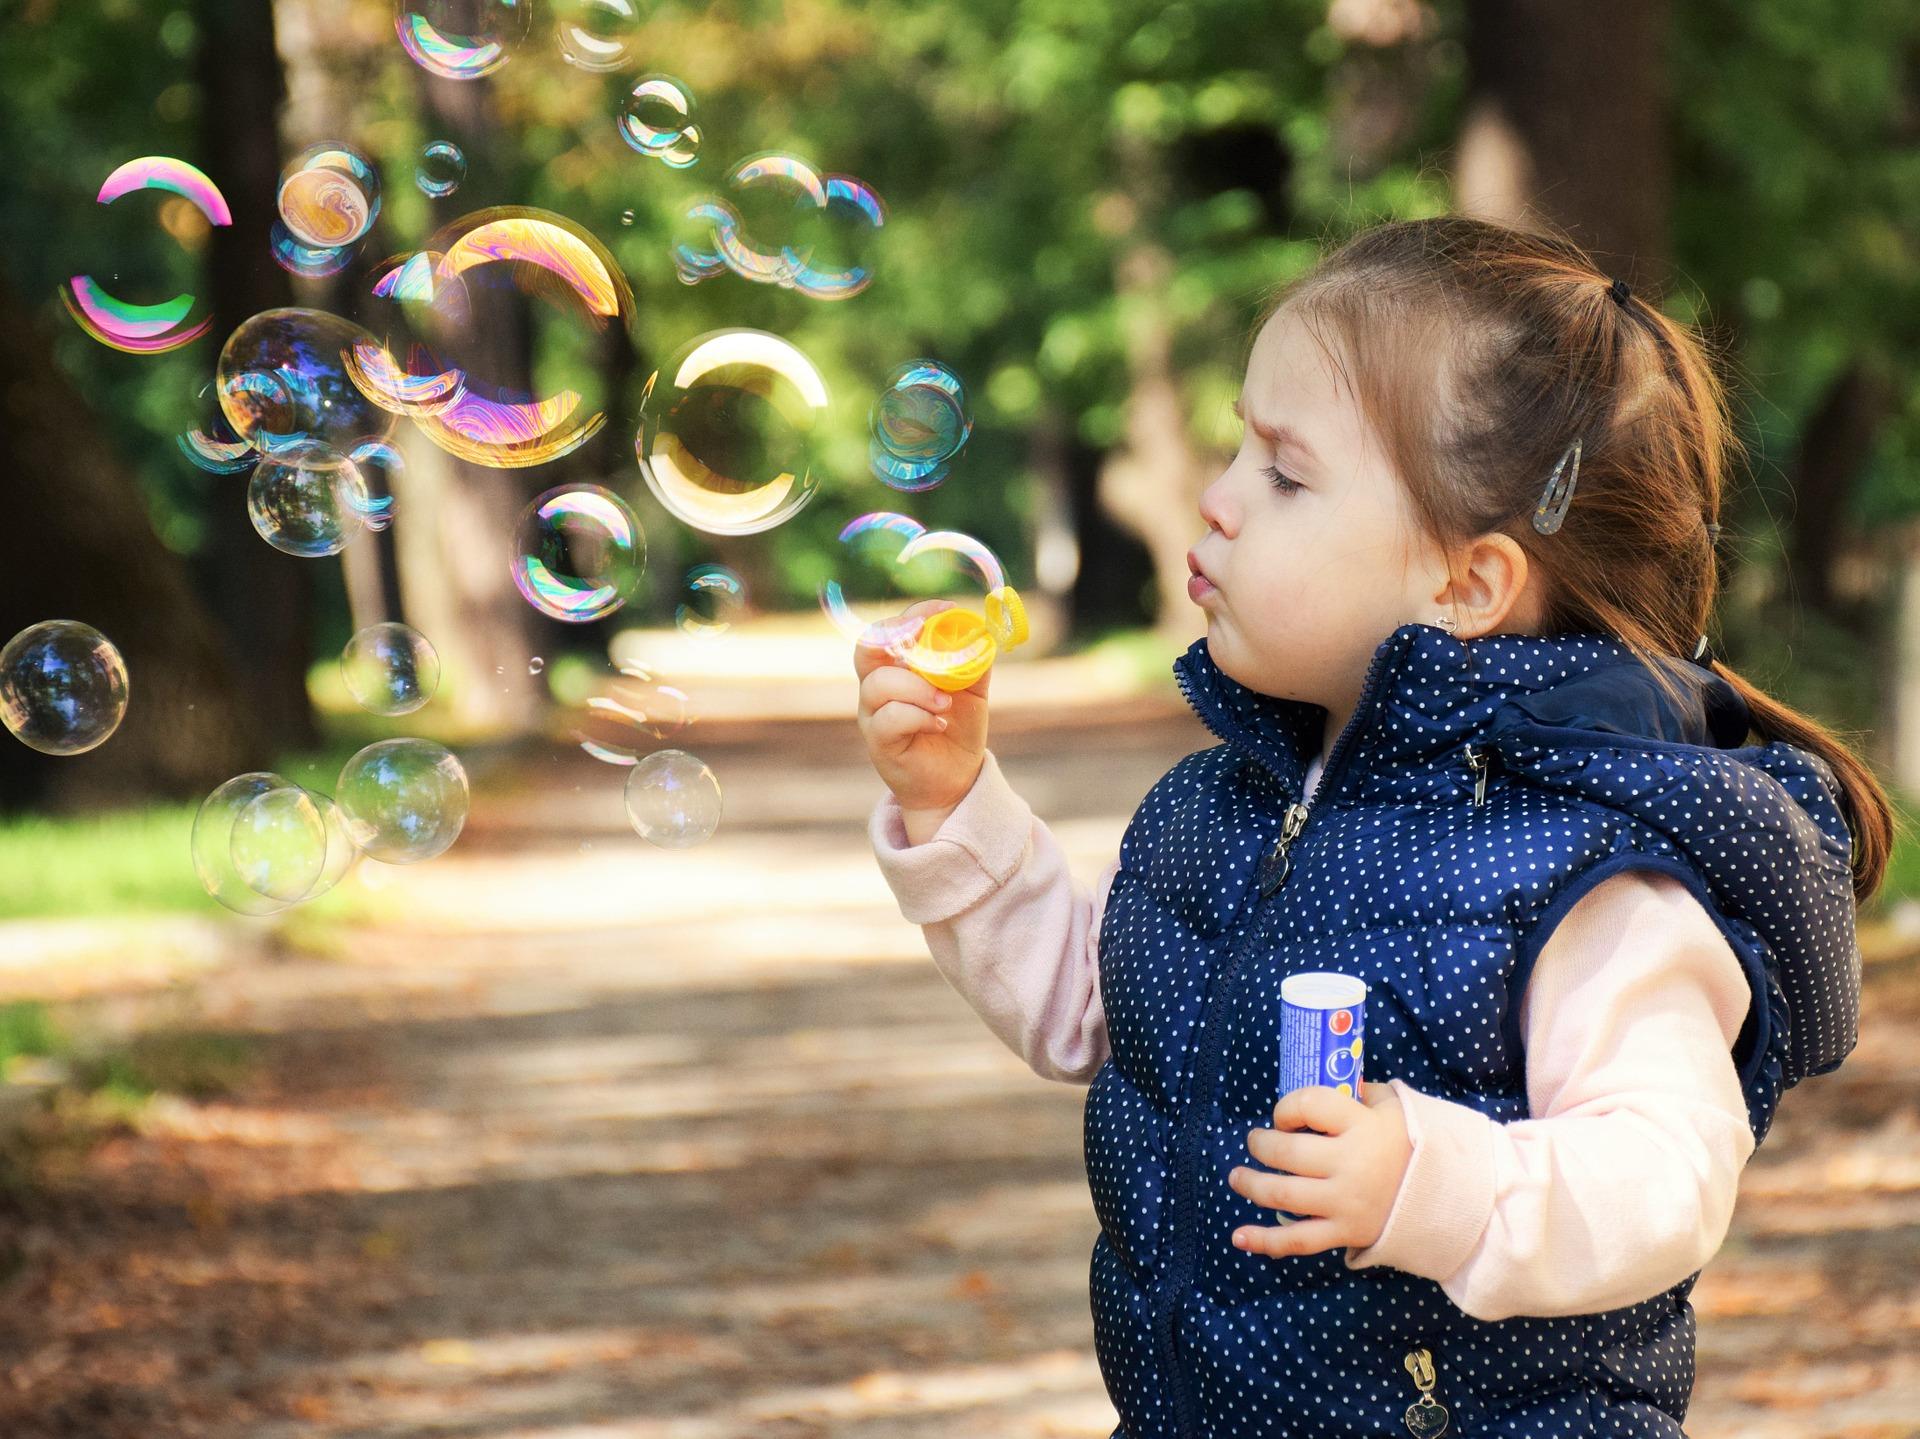 Spielen im Park - toben & werkeln & hüpfen & forschen…